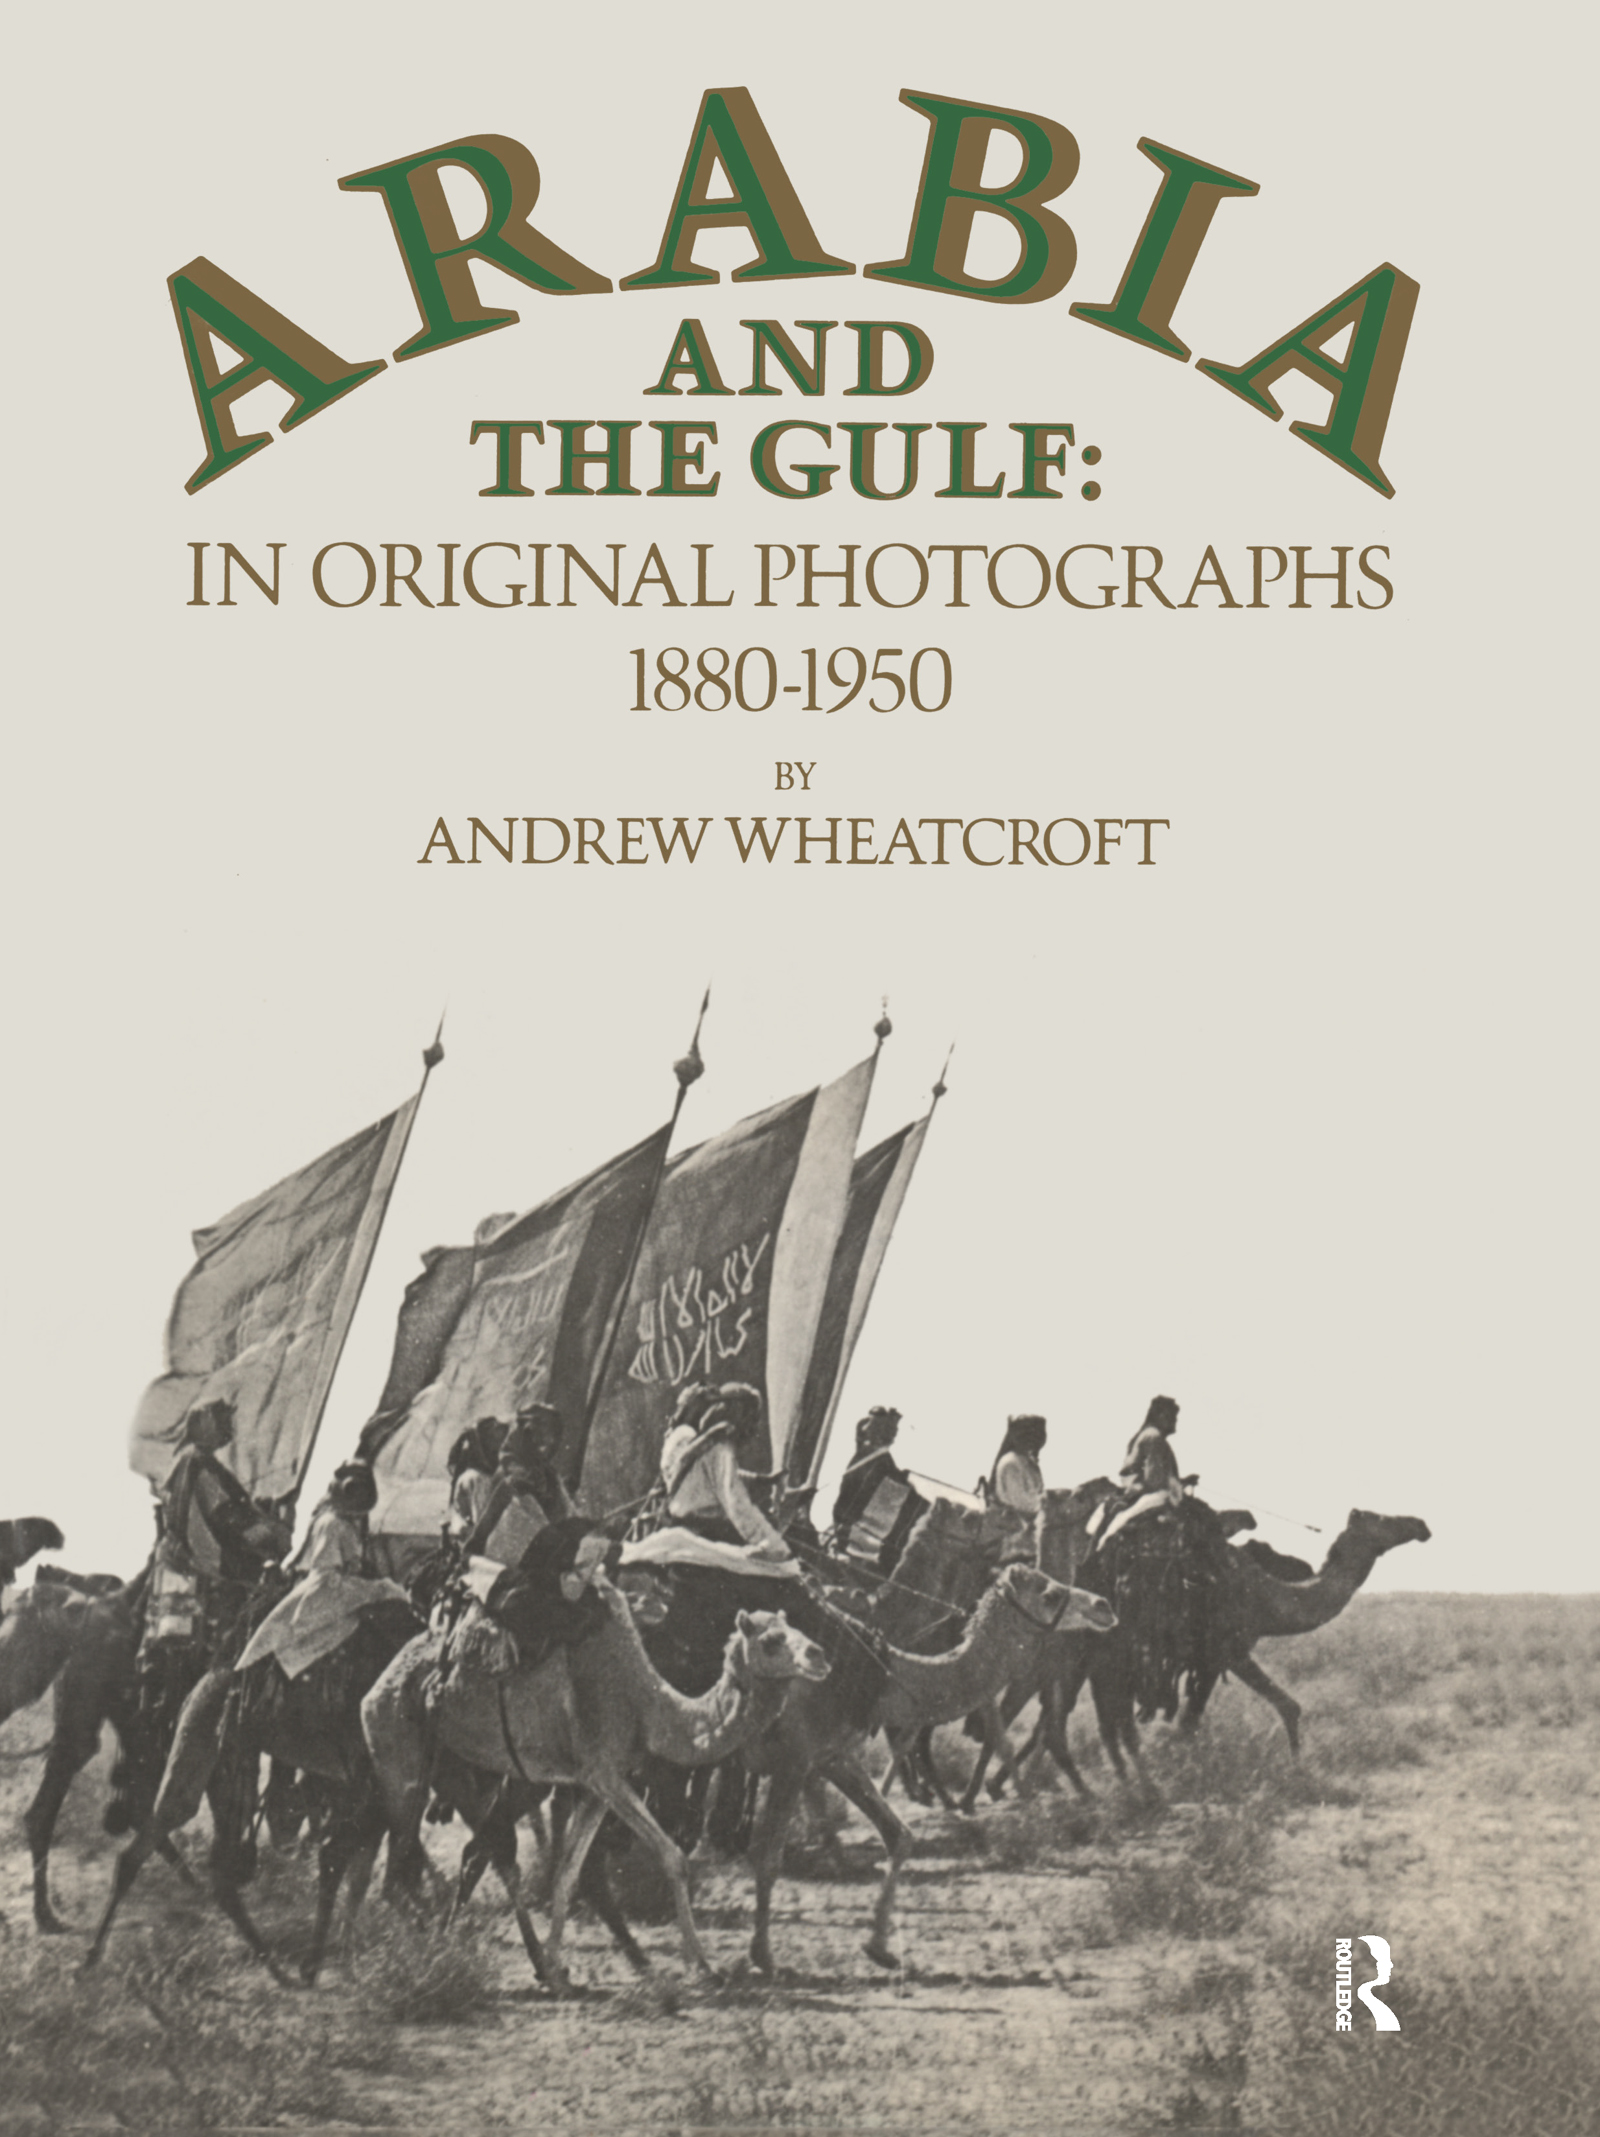 Arabia & The Gulf book cover